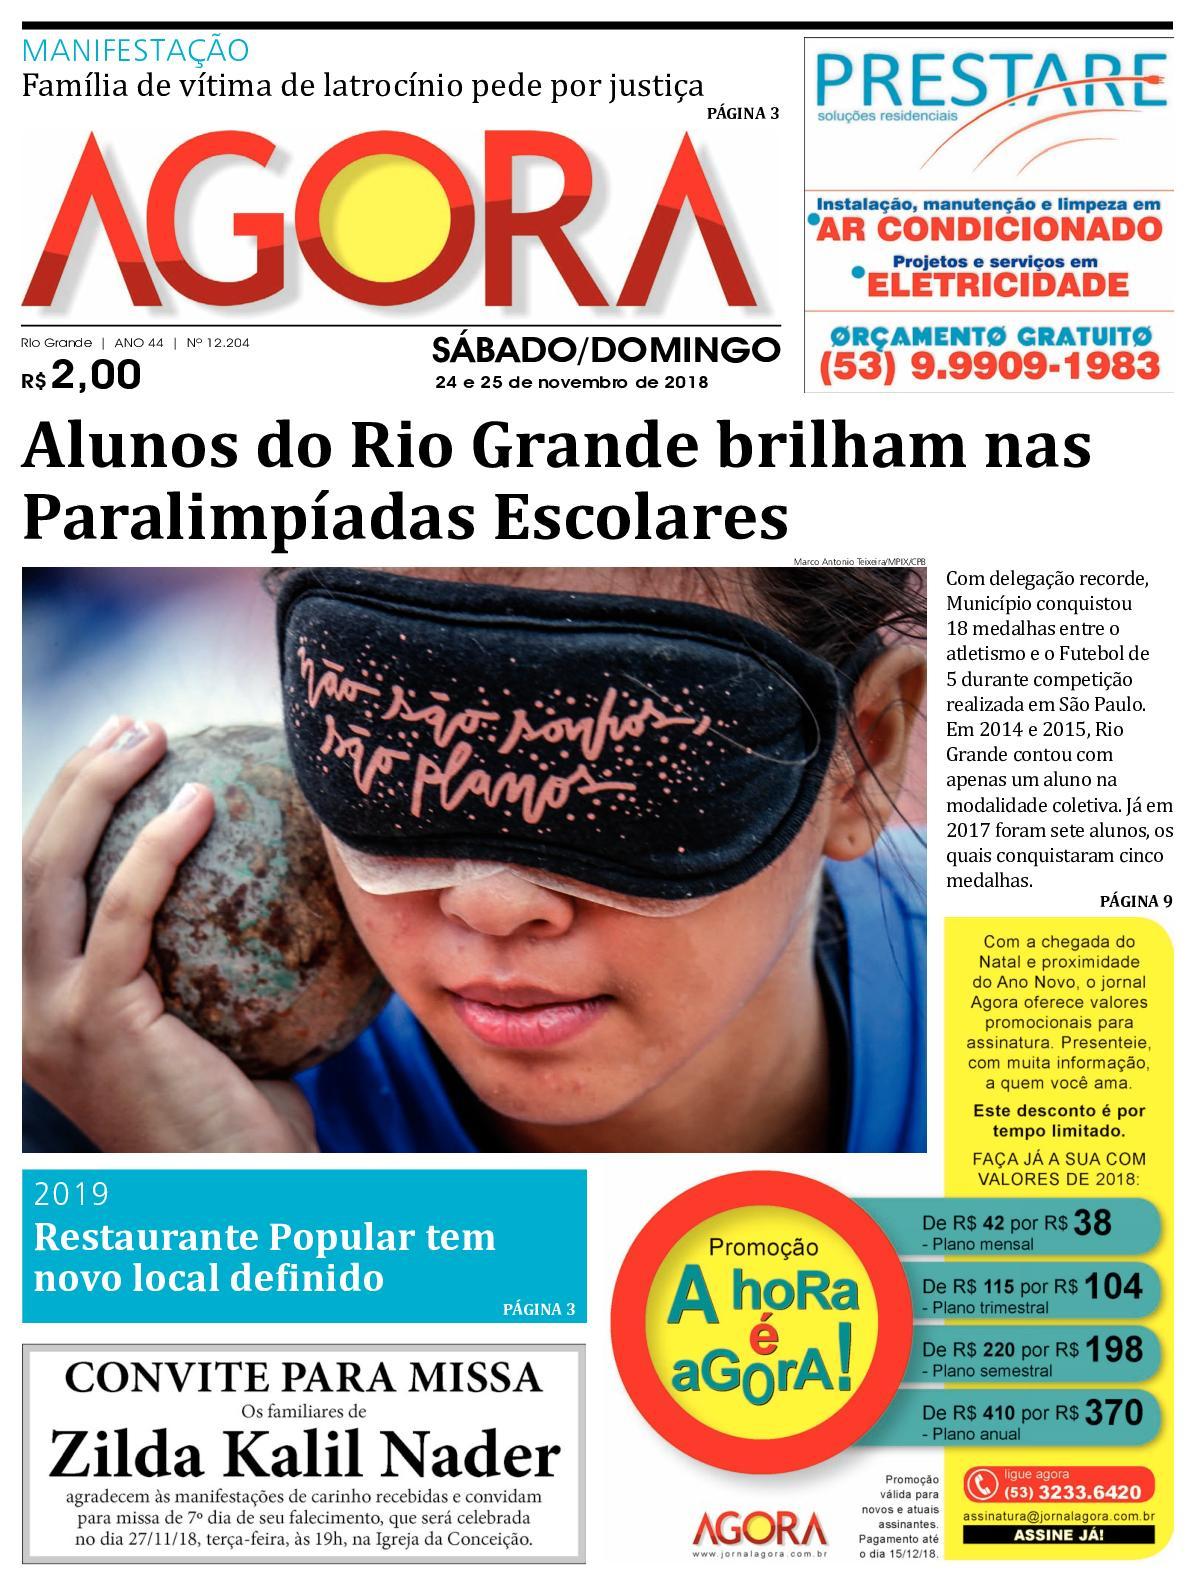 Calaméo - Jornal Agora - Edição 12204 - 24 e 25 de Novembro de 2018 05ce44d9b4